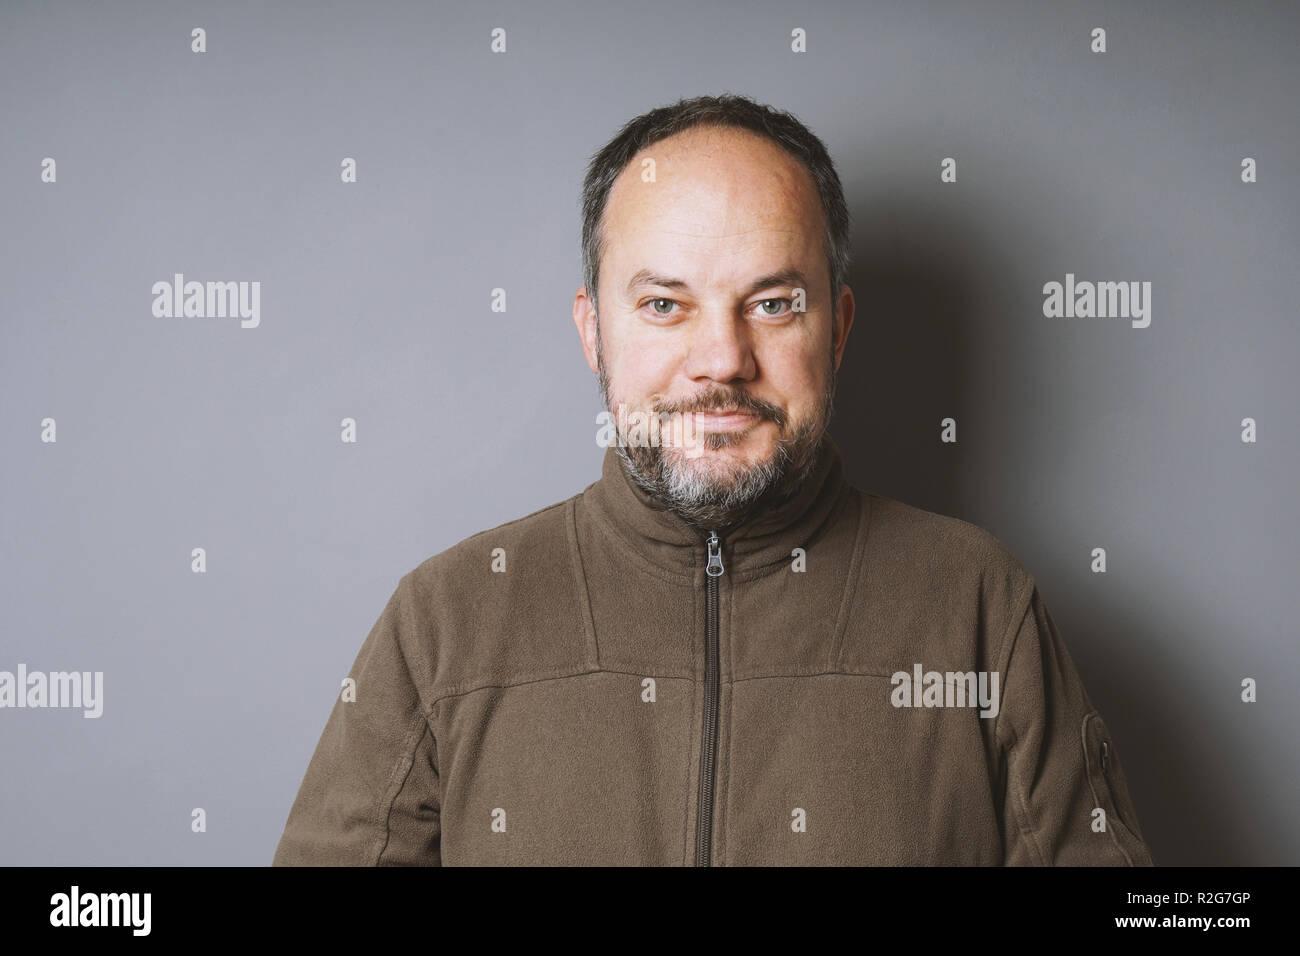 Un varón de mediana edad en su 40s con el cabello oscuro corto y encanecimiento barba sonriente contra la pared gris con espacio de copia Imagen De Stock